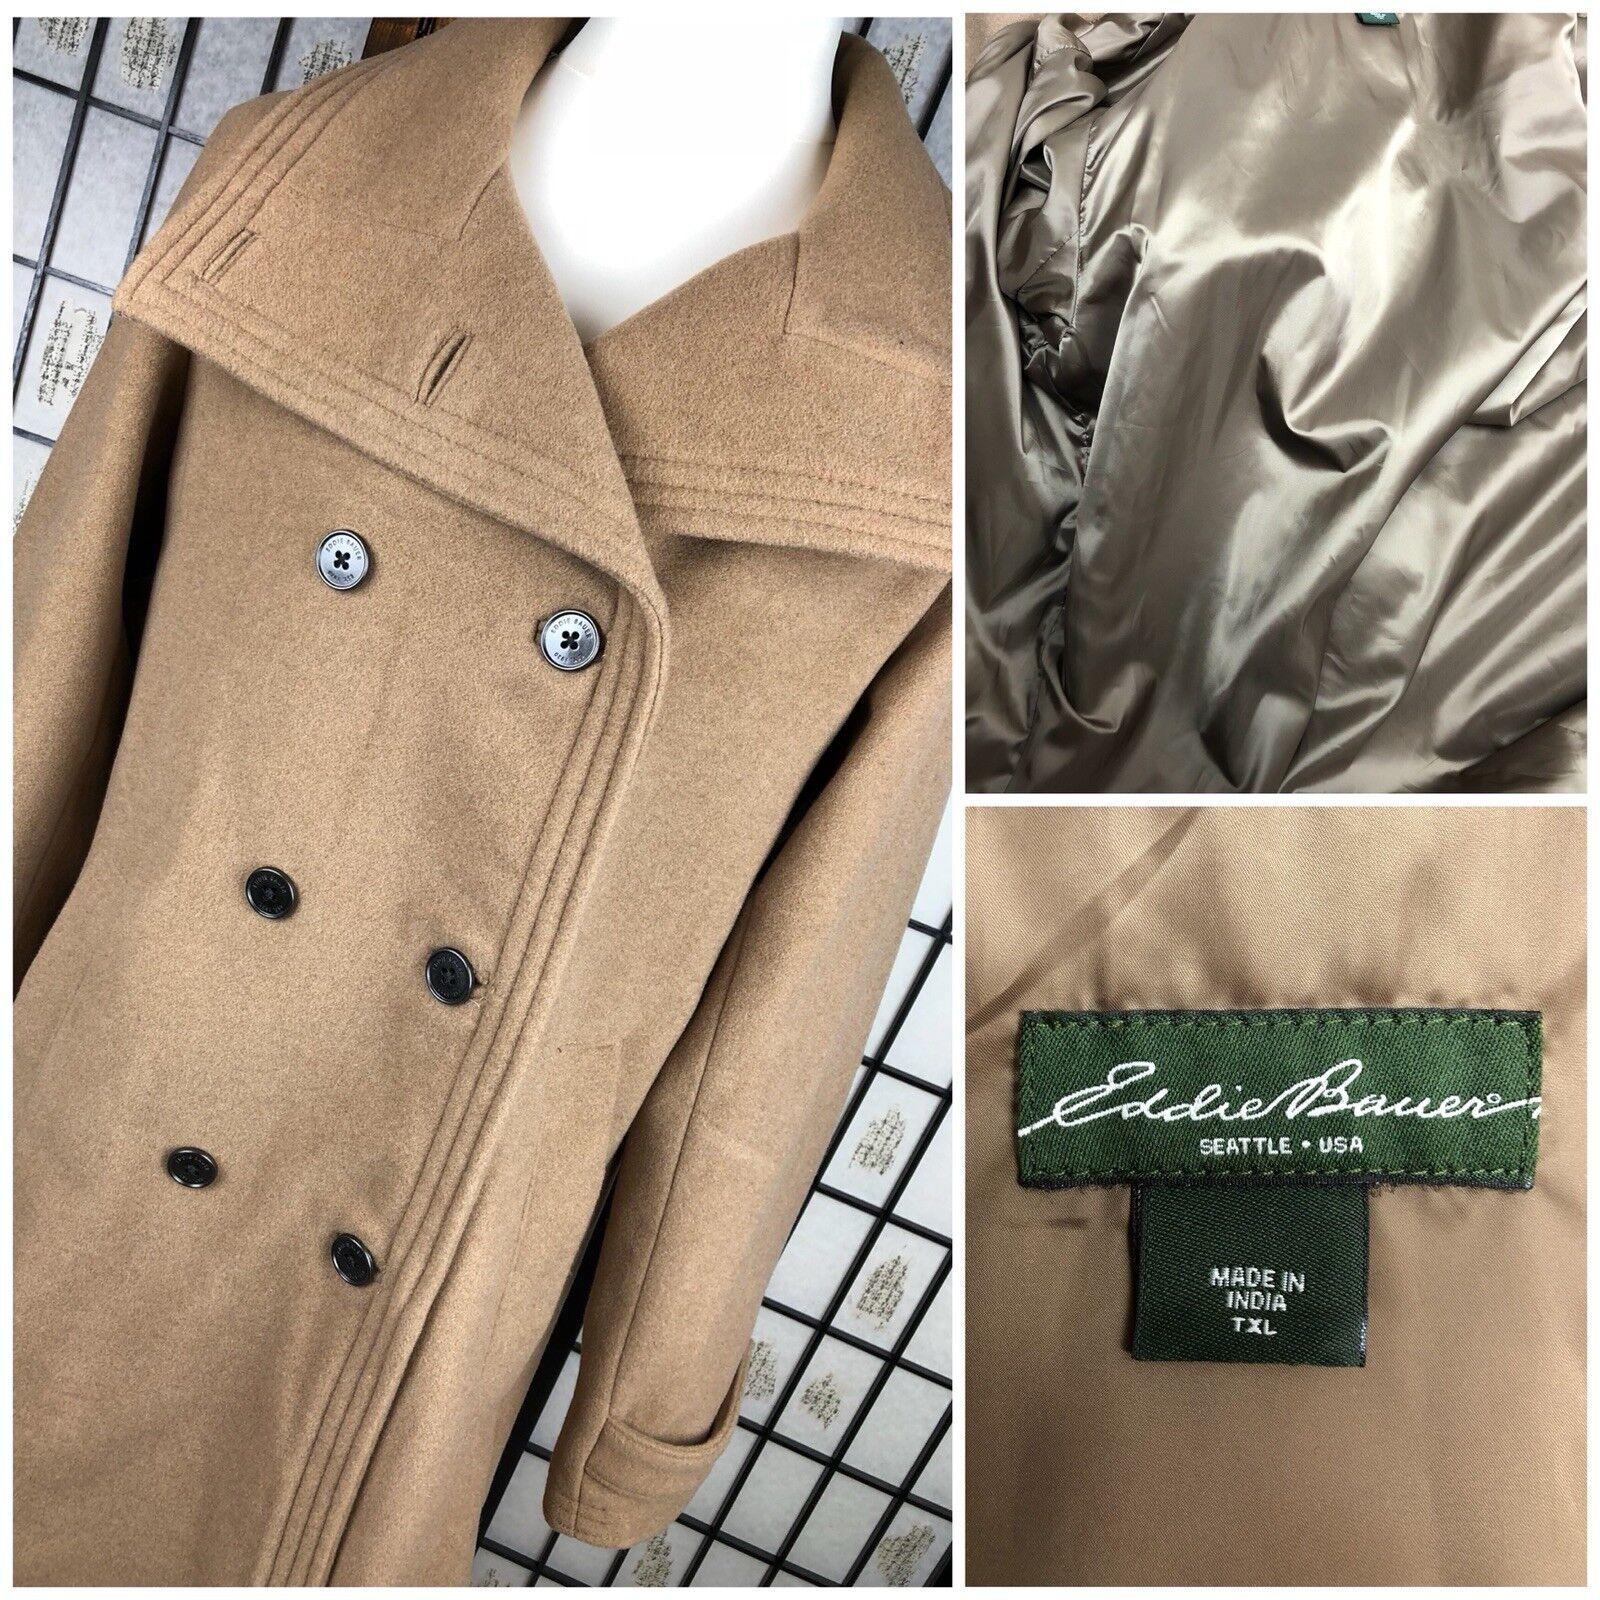 EDDIE BAUER Seattle Wool Camel Braun Coat Double Breasted Winter Warm Größe XL L